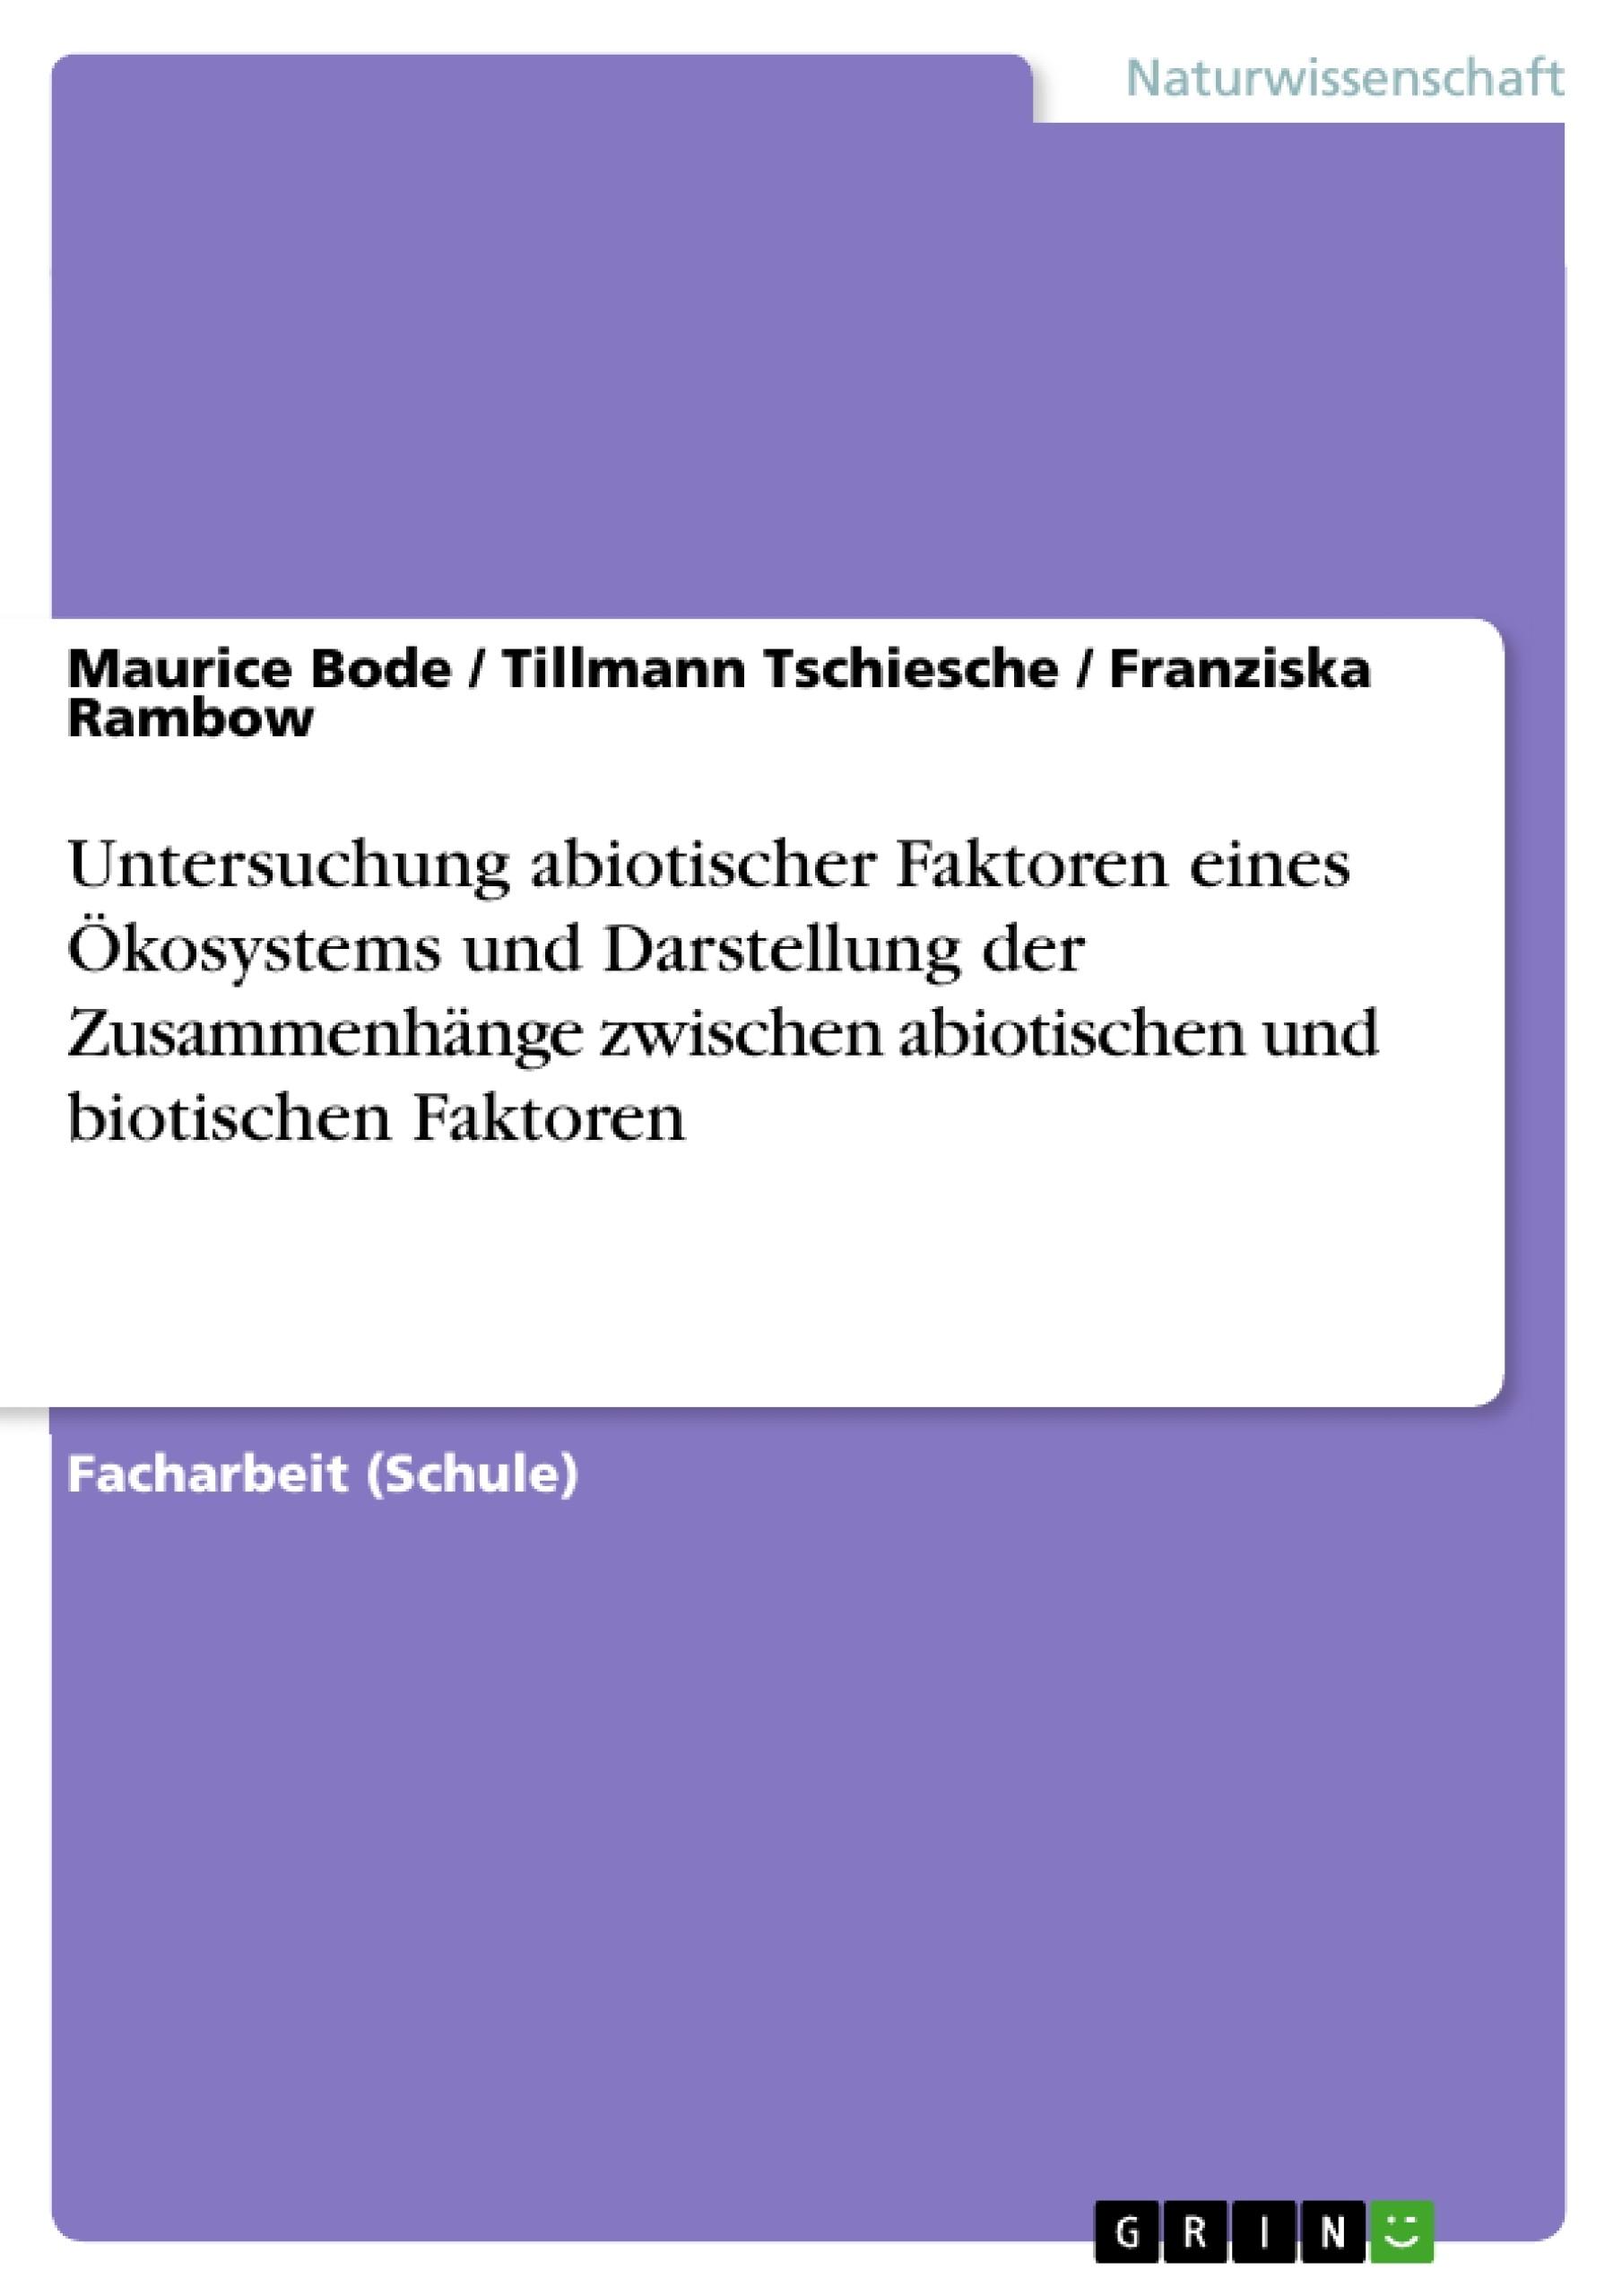 Untersuchung abiotischer Faktoren eines Ökosystems und Darstellung ...